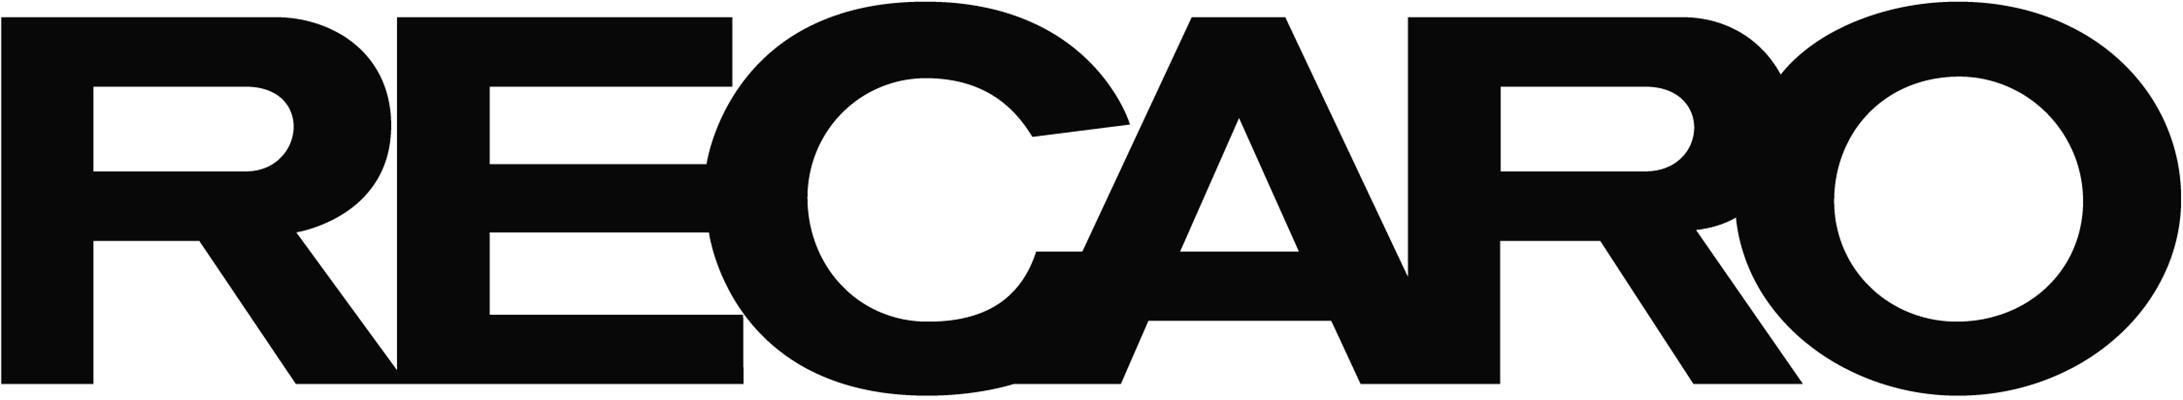 logo 标识 标志 设计 矢量 矢量图 素材 图标 2183_400